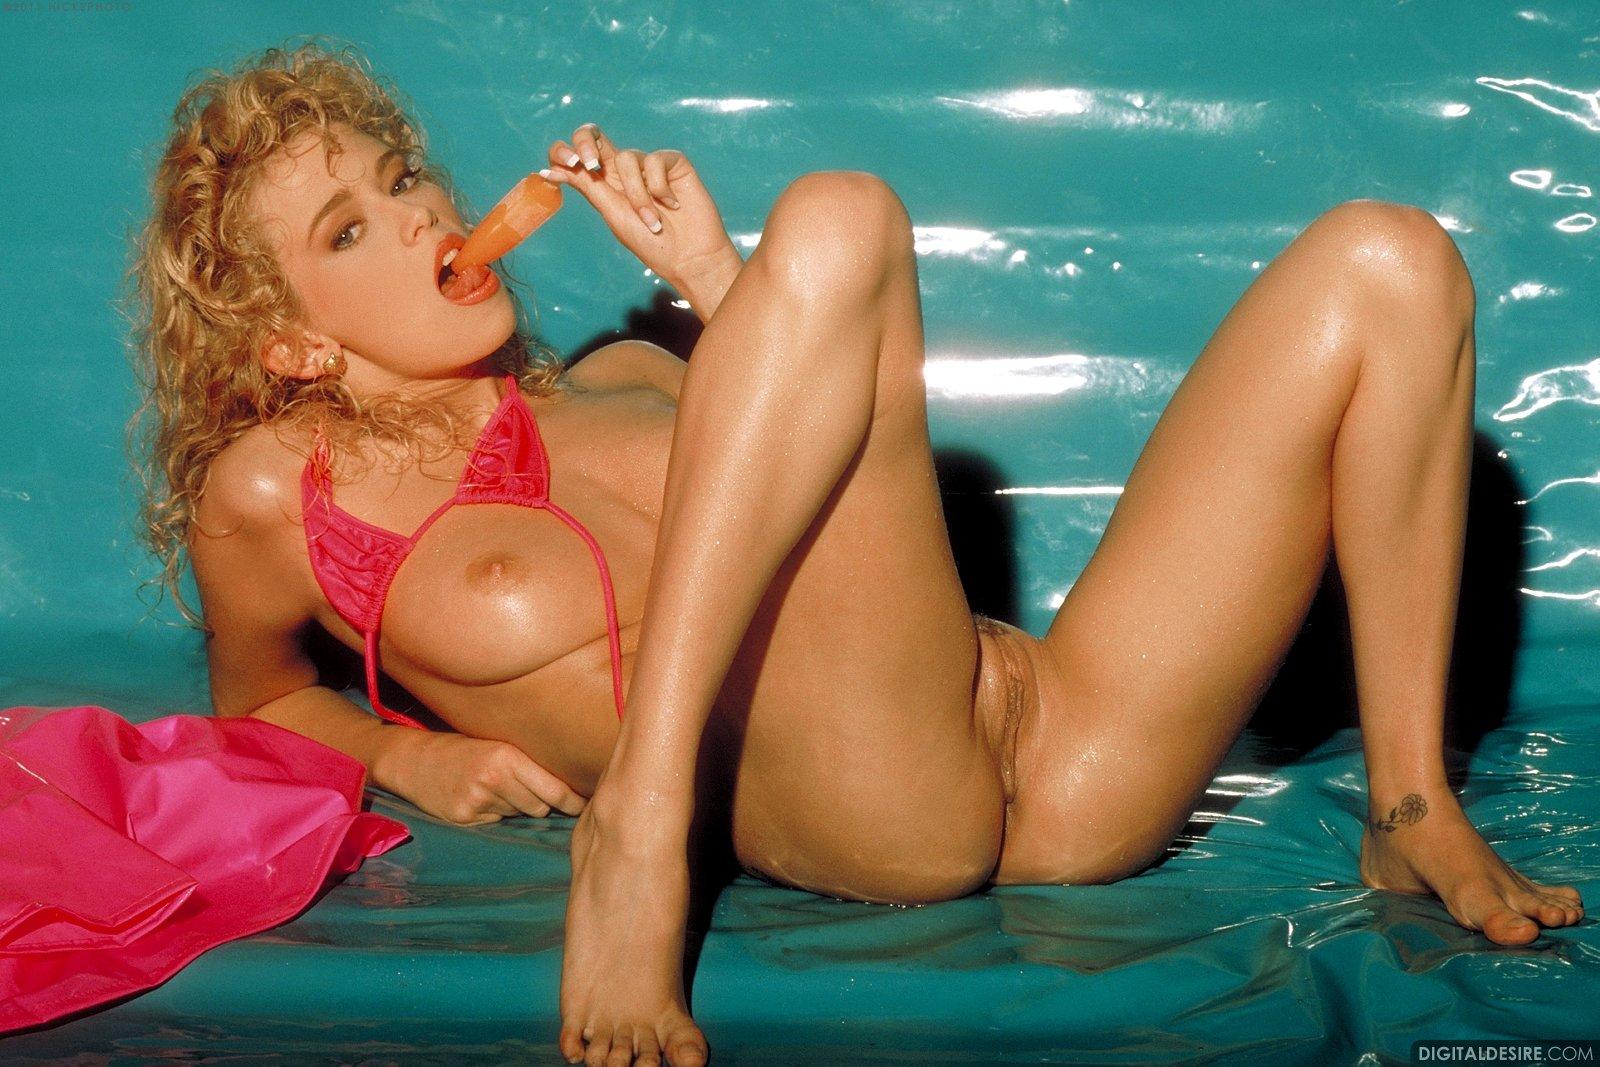 Elizabeth berkley nude and sex scenes compilation